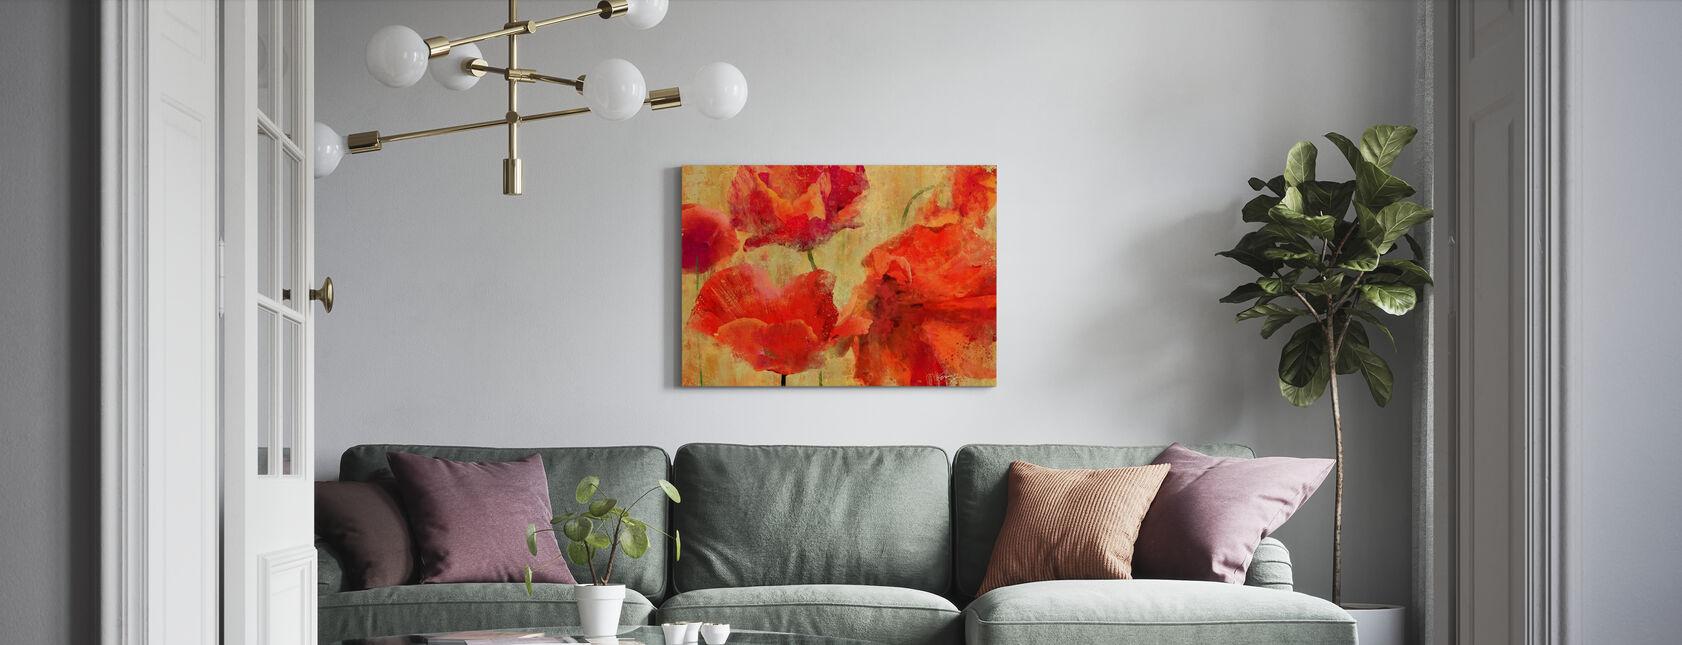 Ekspressive Blomster - Billede på lærred - Stue